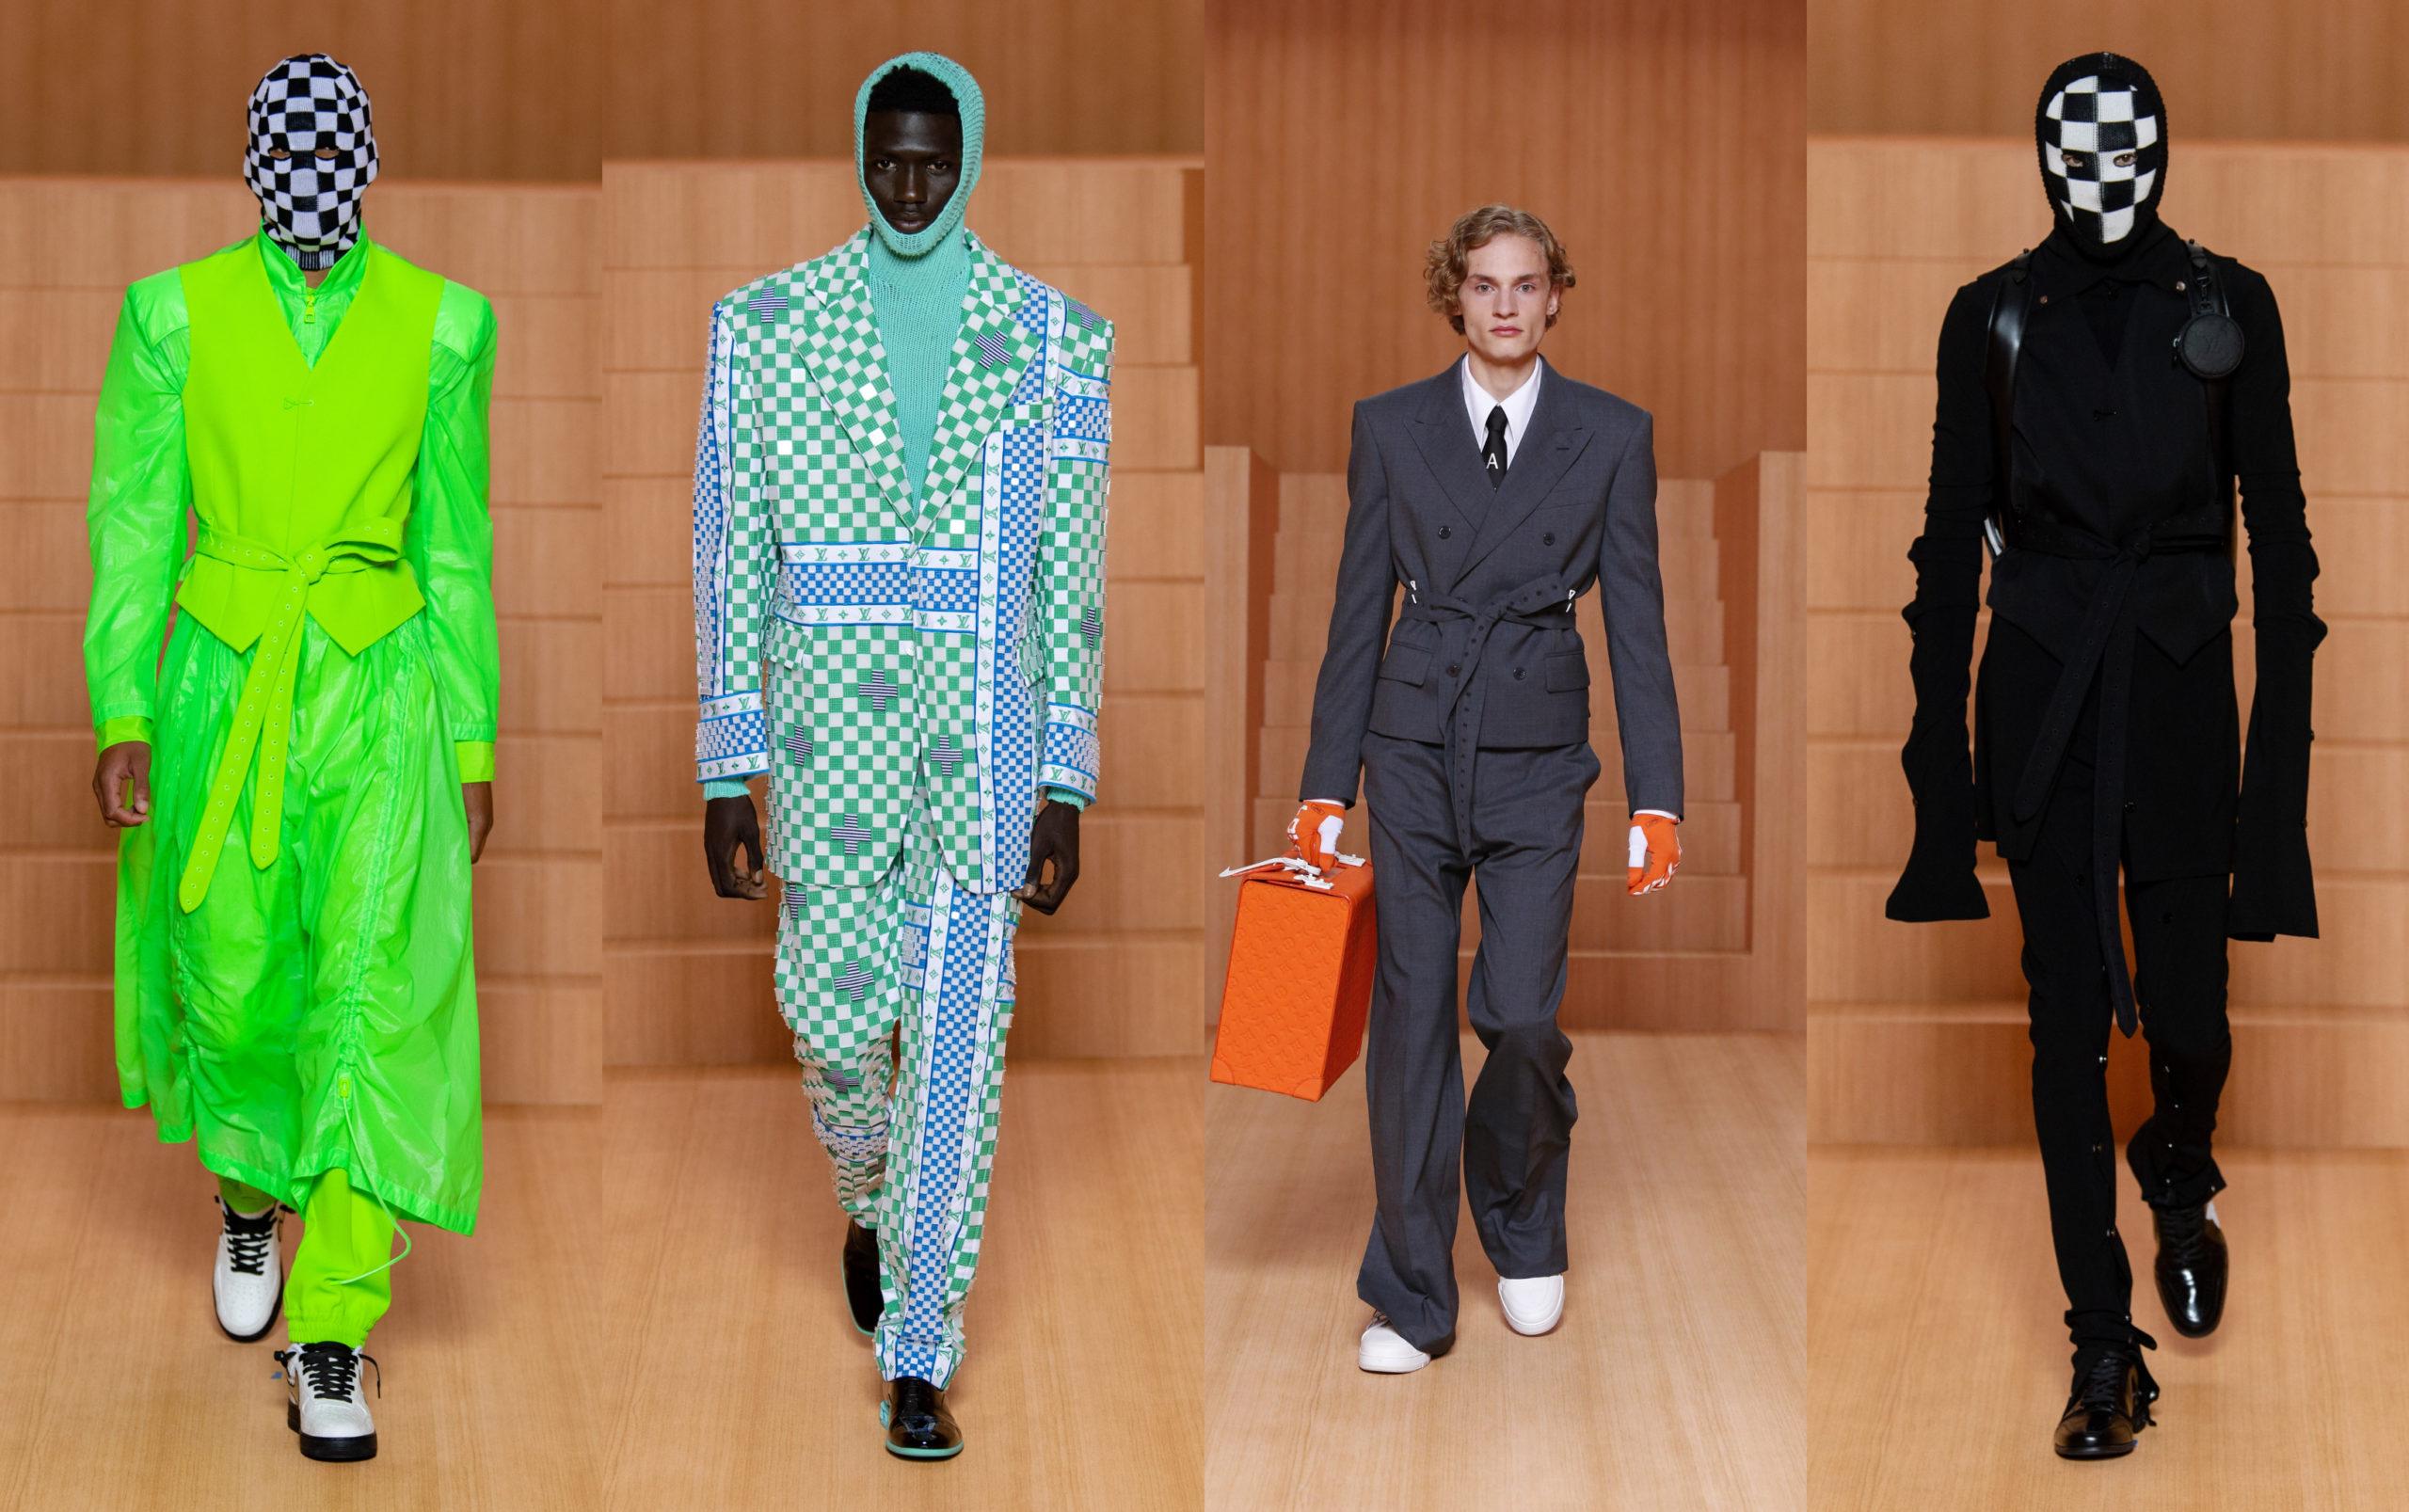 Louis Vuitton Spring/Summer 2022 Menswear Collection